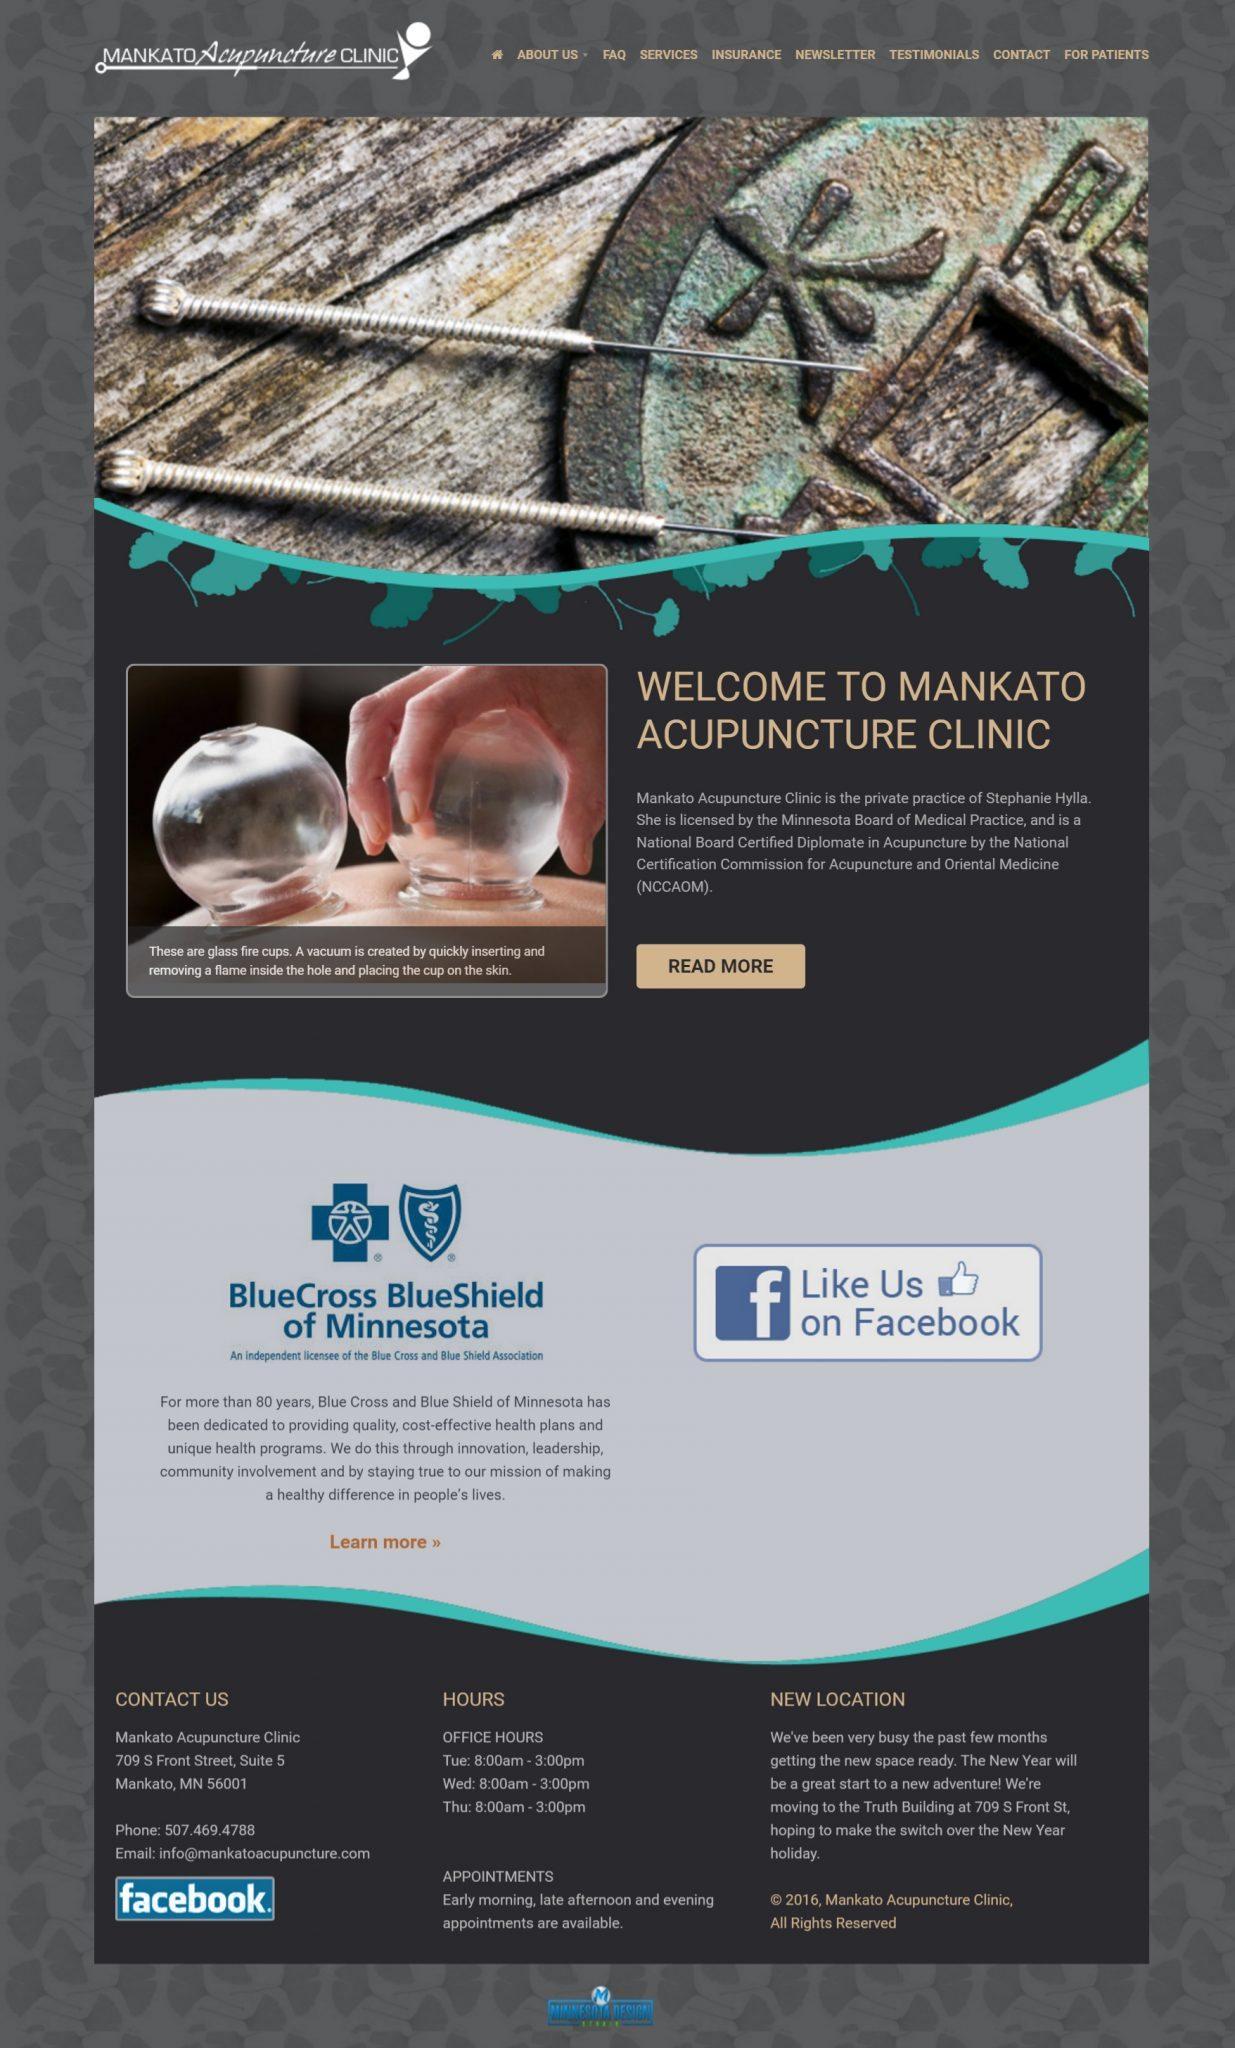 Mankato Acupuncture Clinic